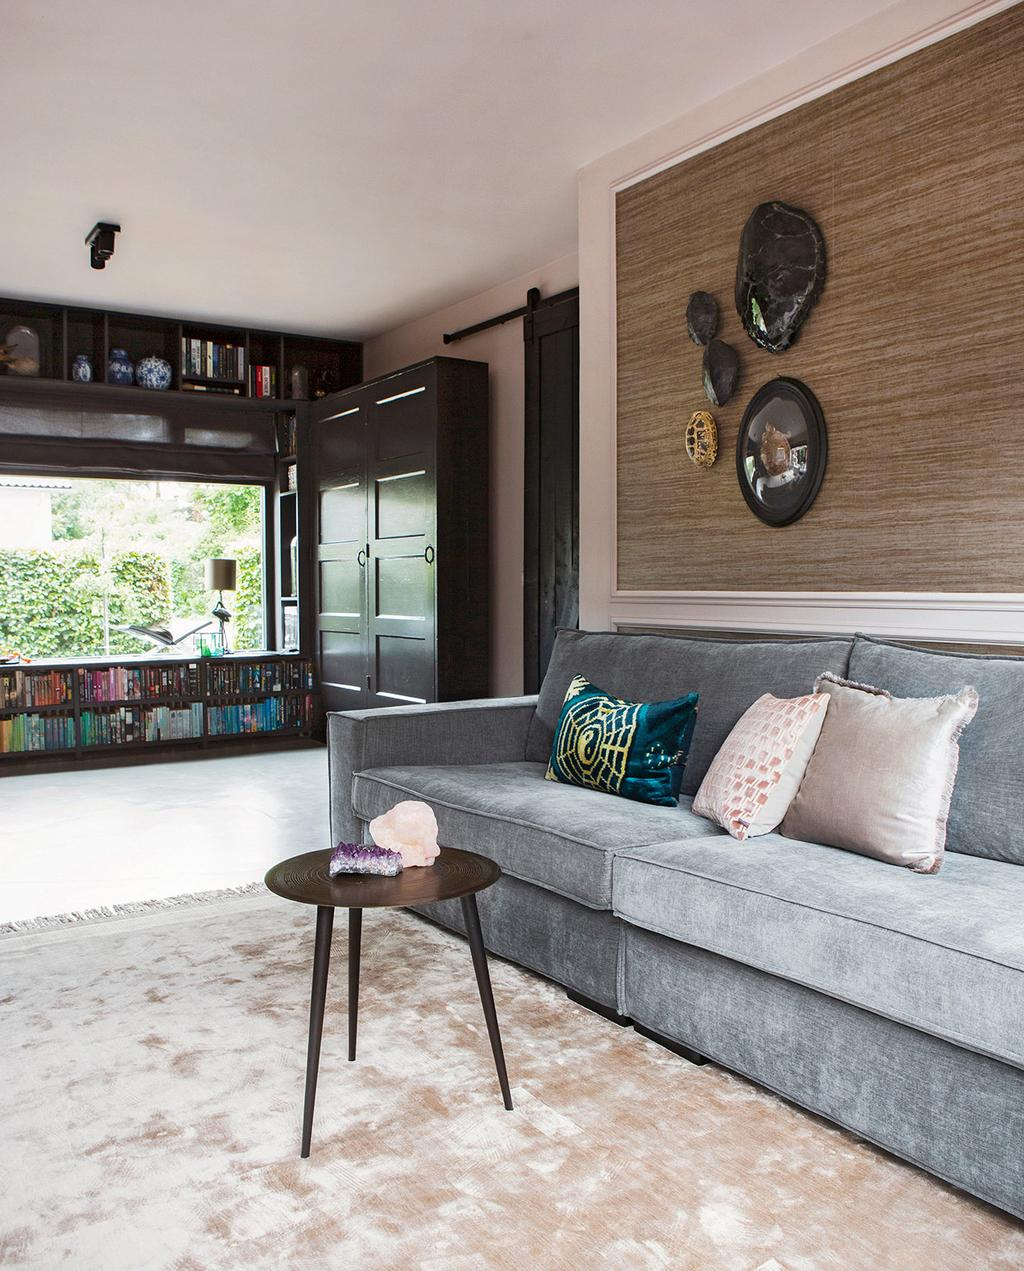 vtwonen 06-2021 | grijze bank in de woonkamer met een plaat op de muur en schilderijen